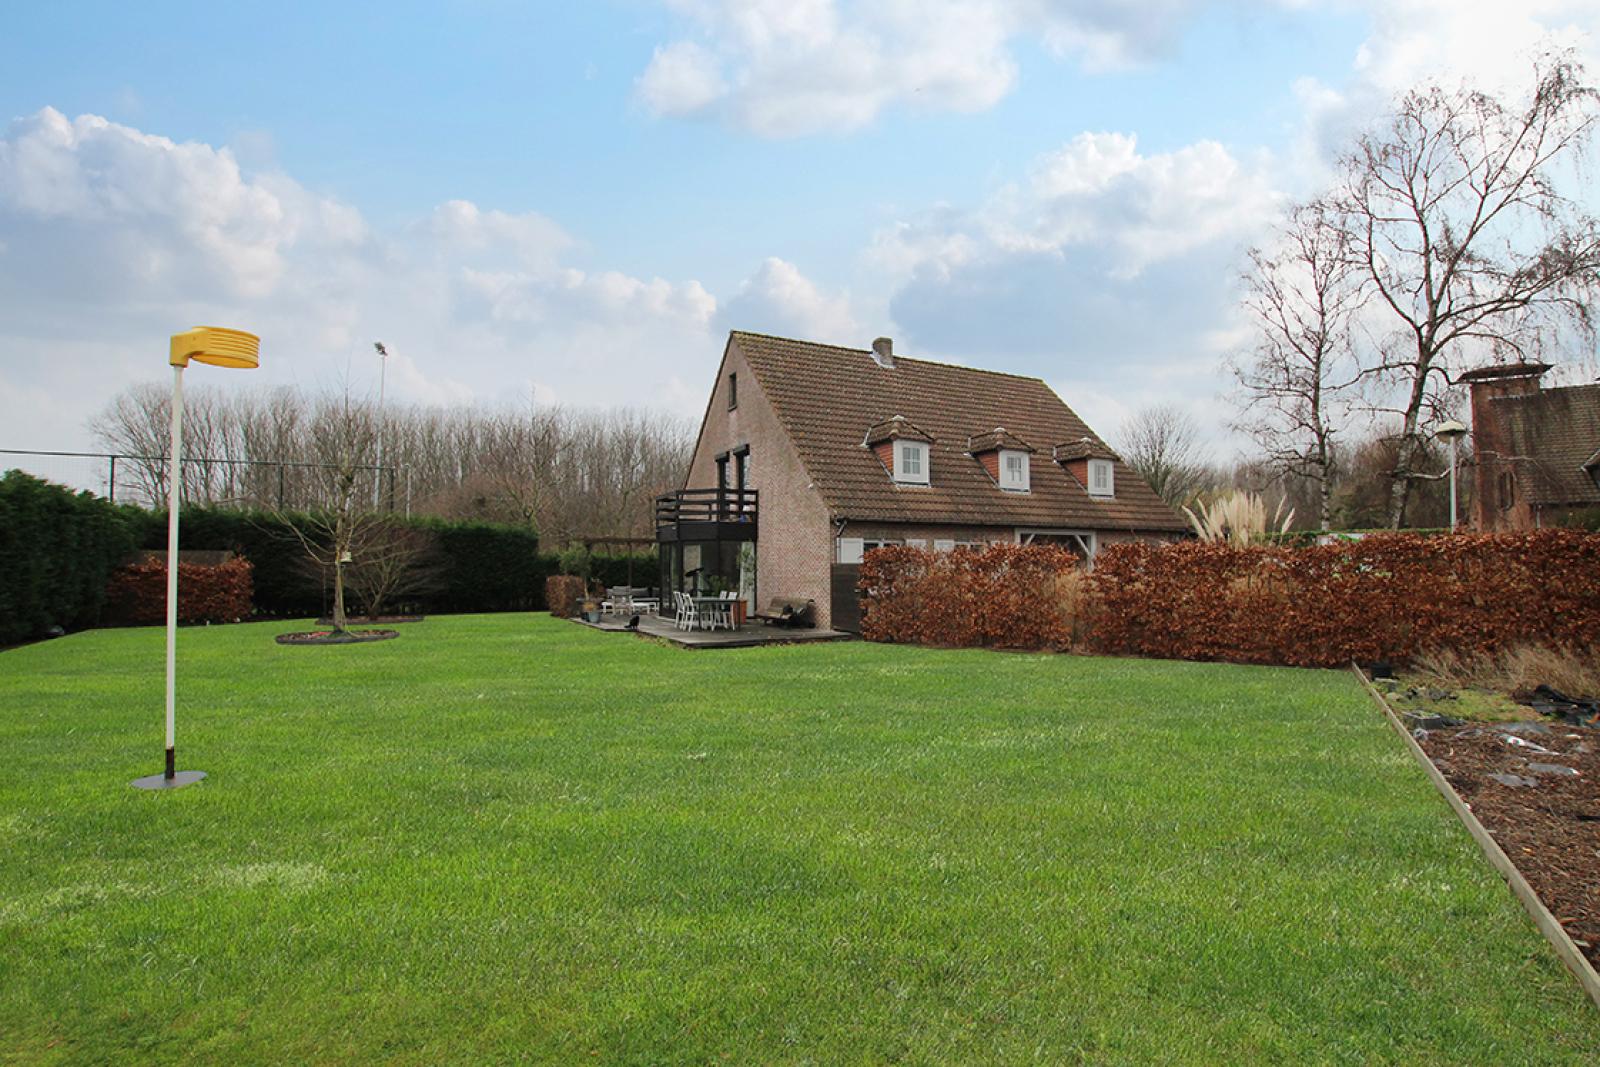 Stijlvolle landelijke villa op een perceel van 1.107 m² in een zeer gegeerd doodlopend straatje te Linkeroever! afbeelding 7